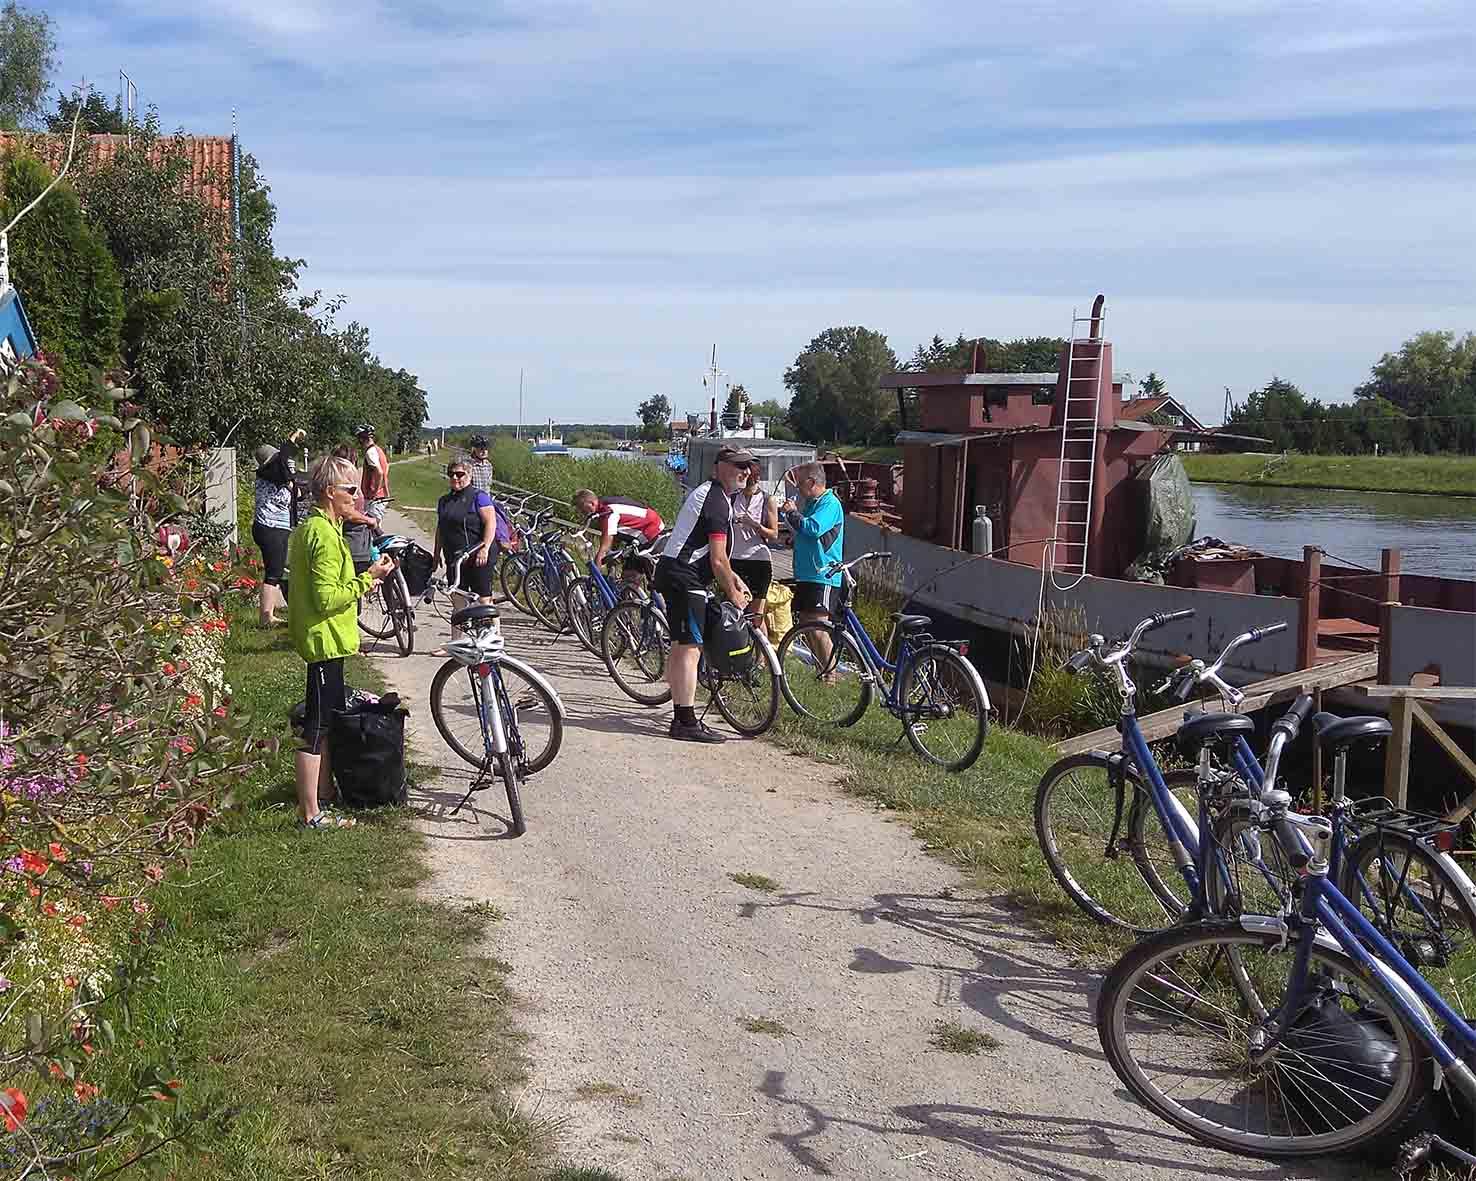 Radreise Polen, KSW, Fot. 5, J. Szewczul